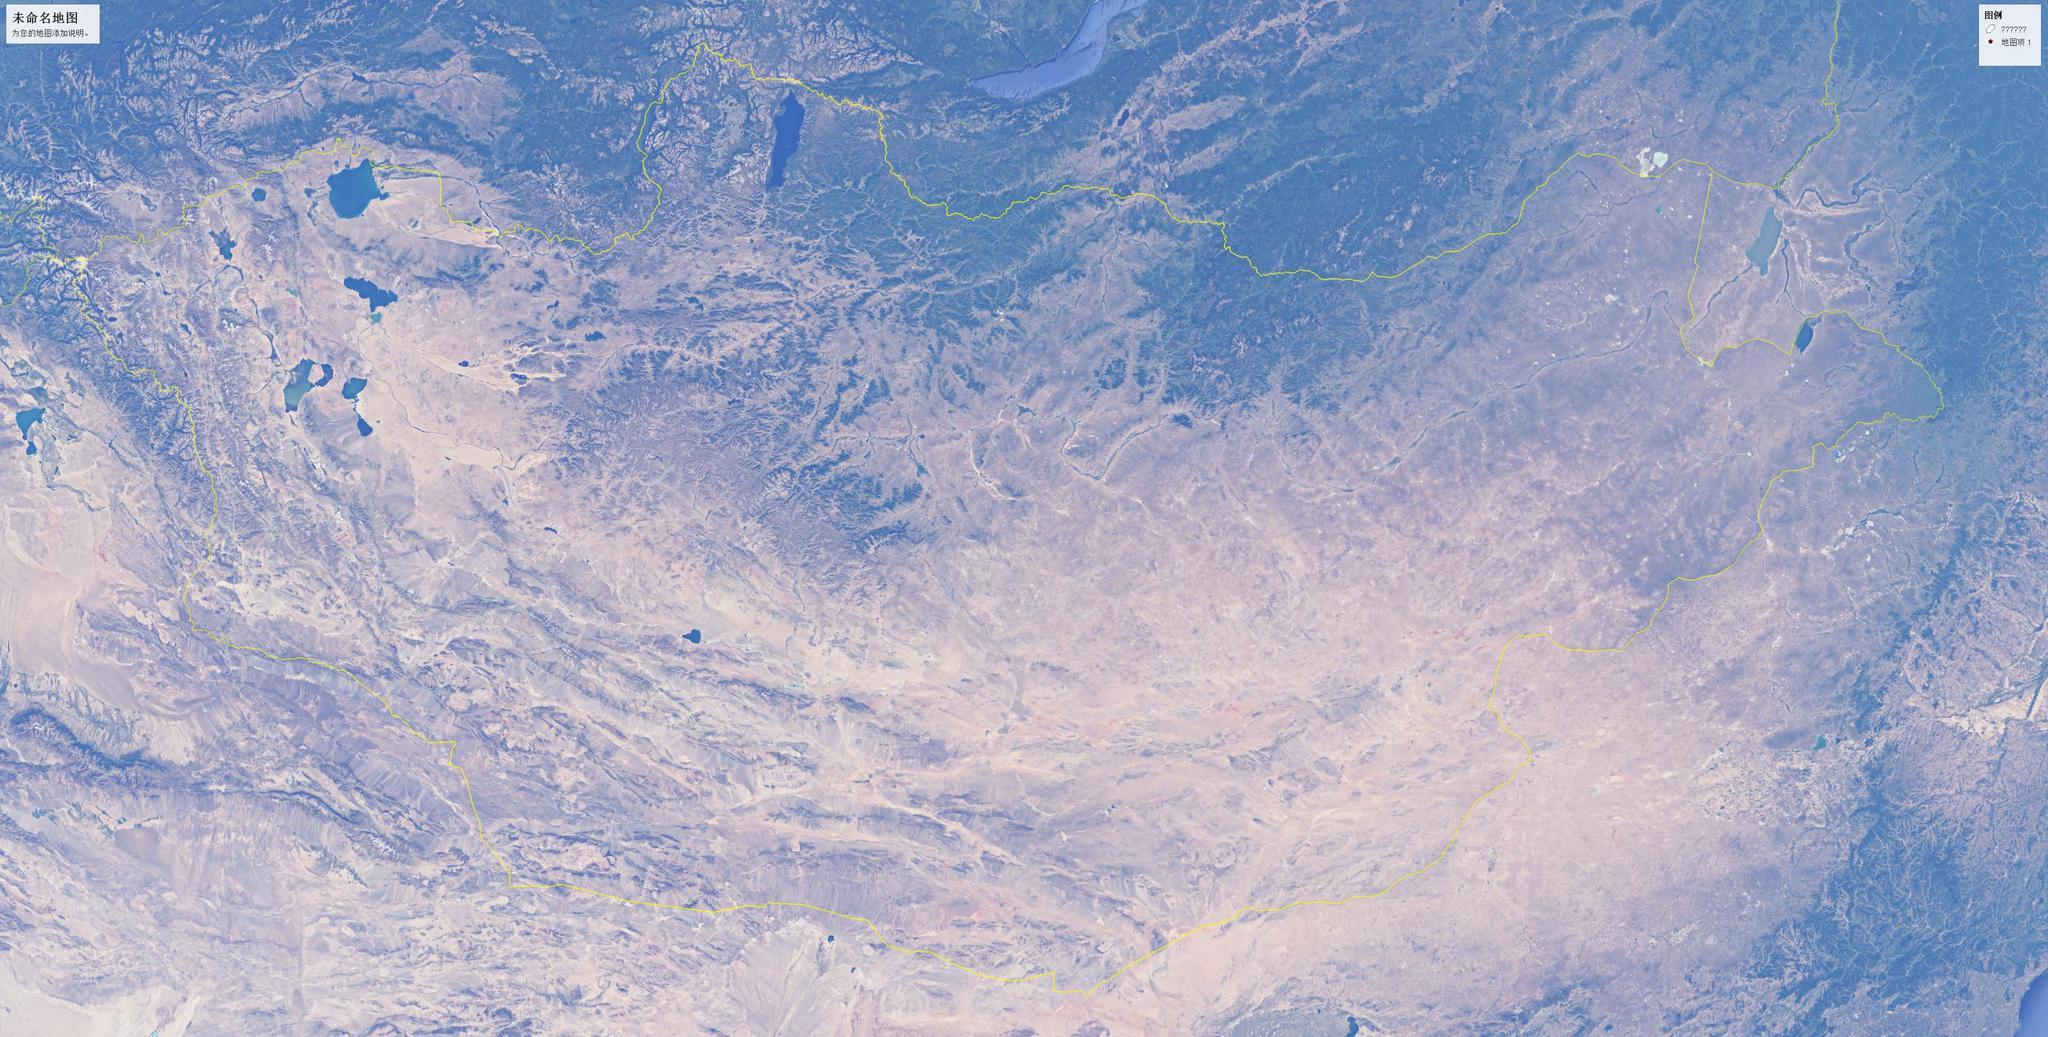 蒙古国五大城市简易地形图,乌兰巴托,达尔汗,乔巴山